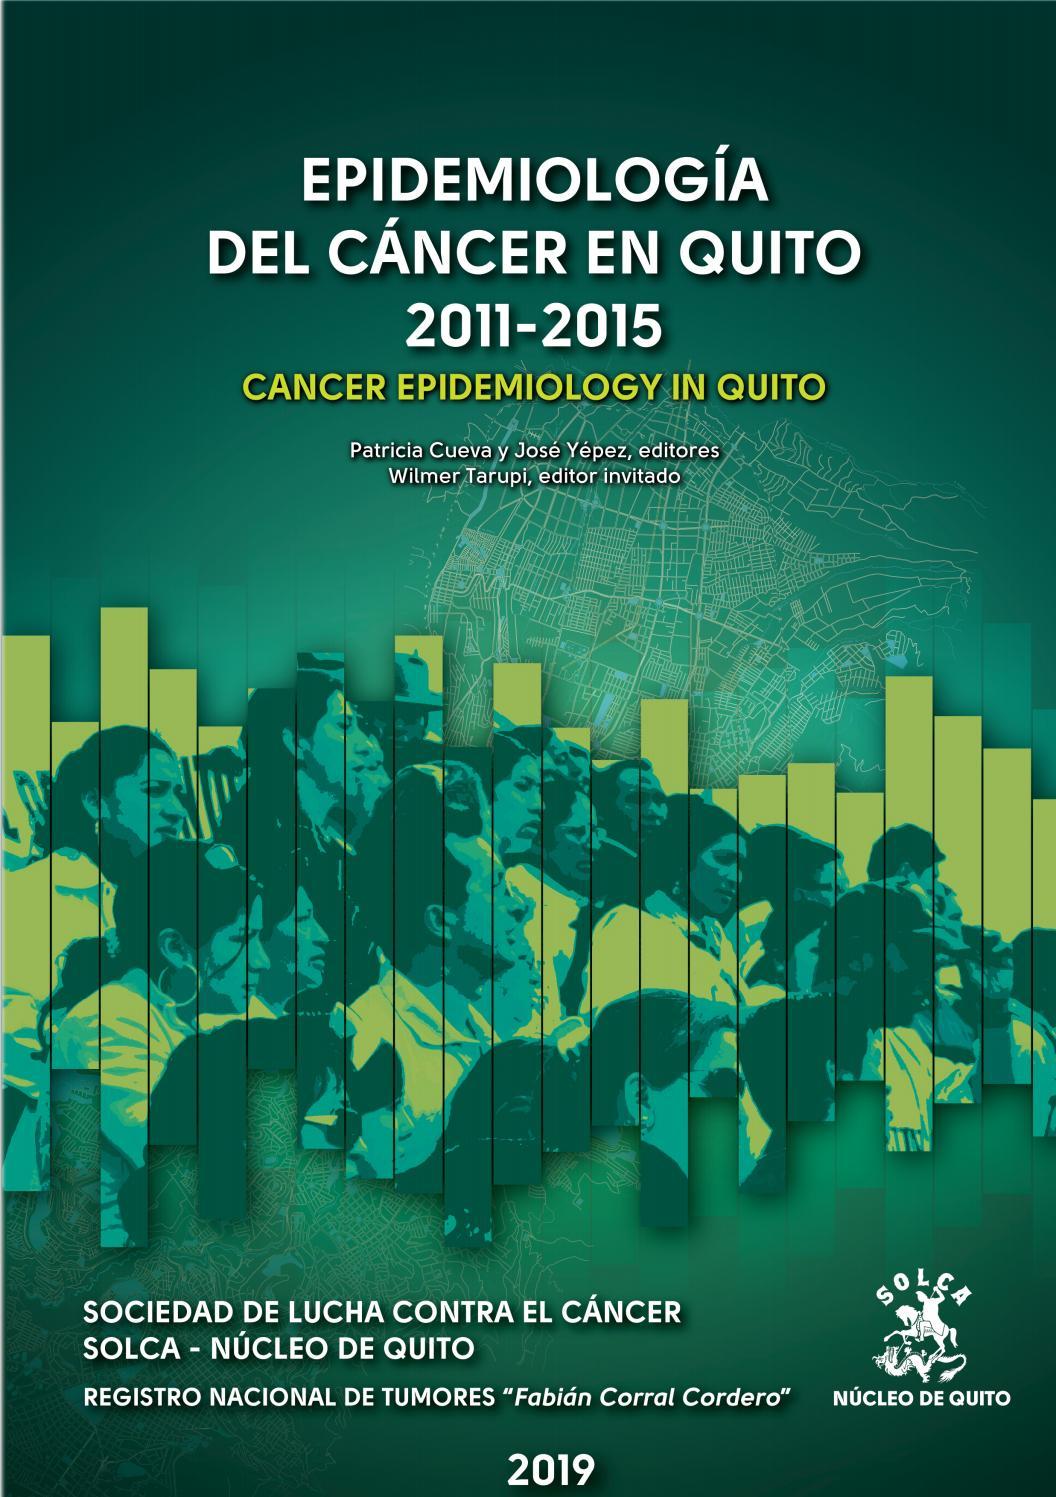 cual es el cancer mas frecuente en ecuador